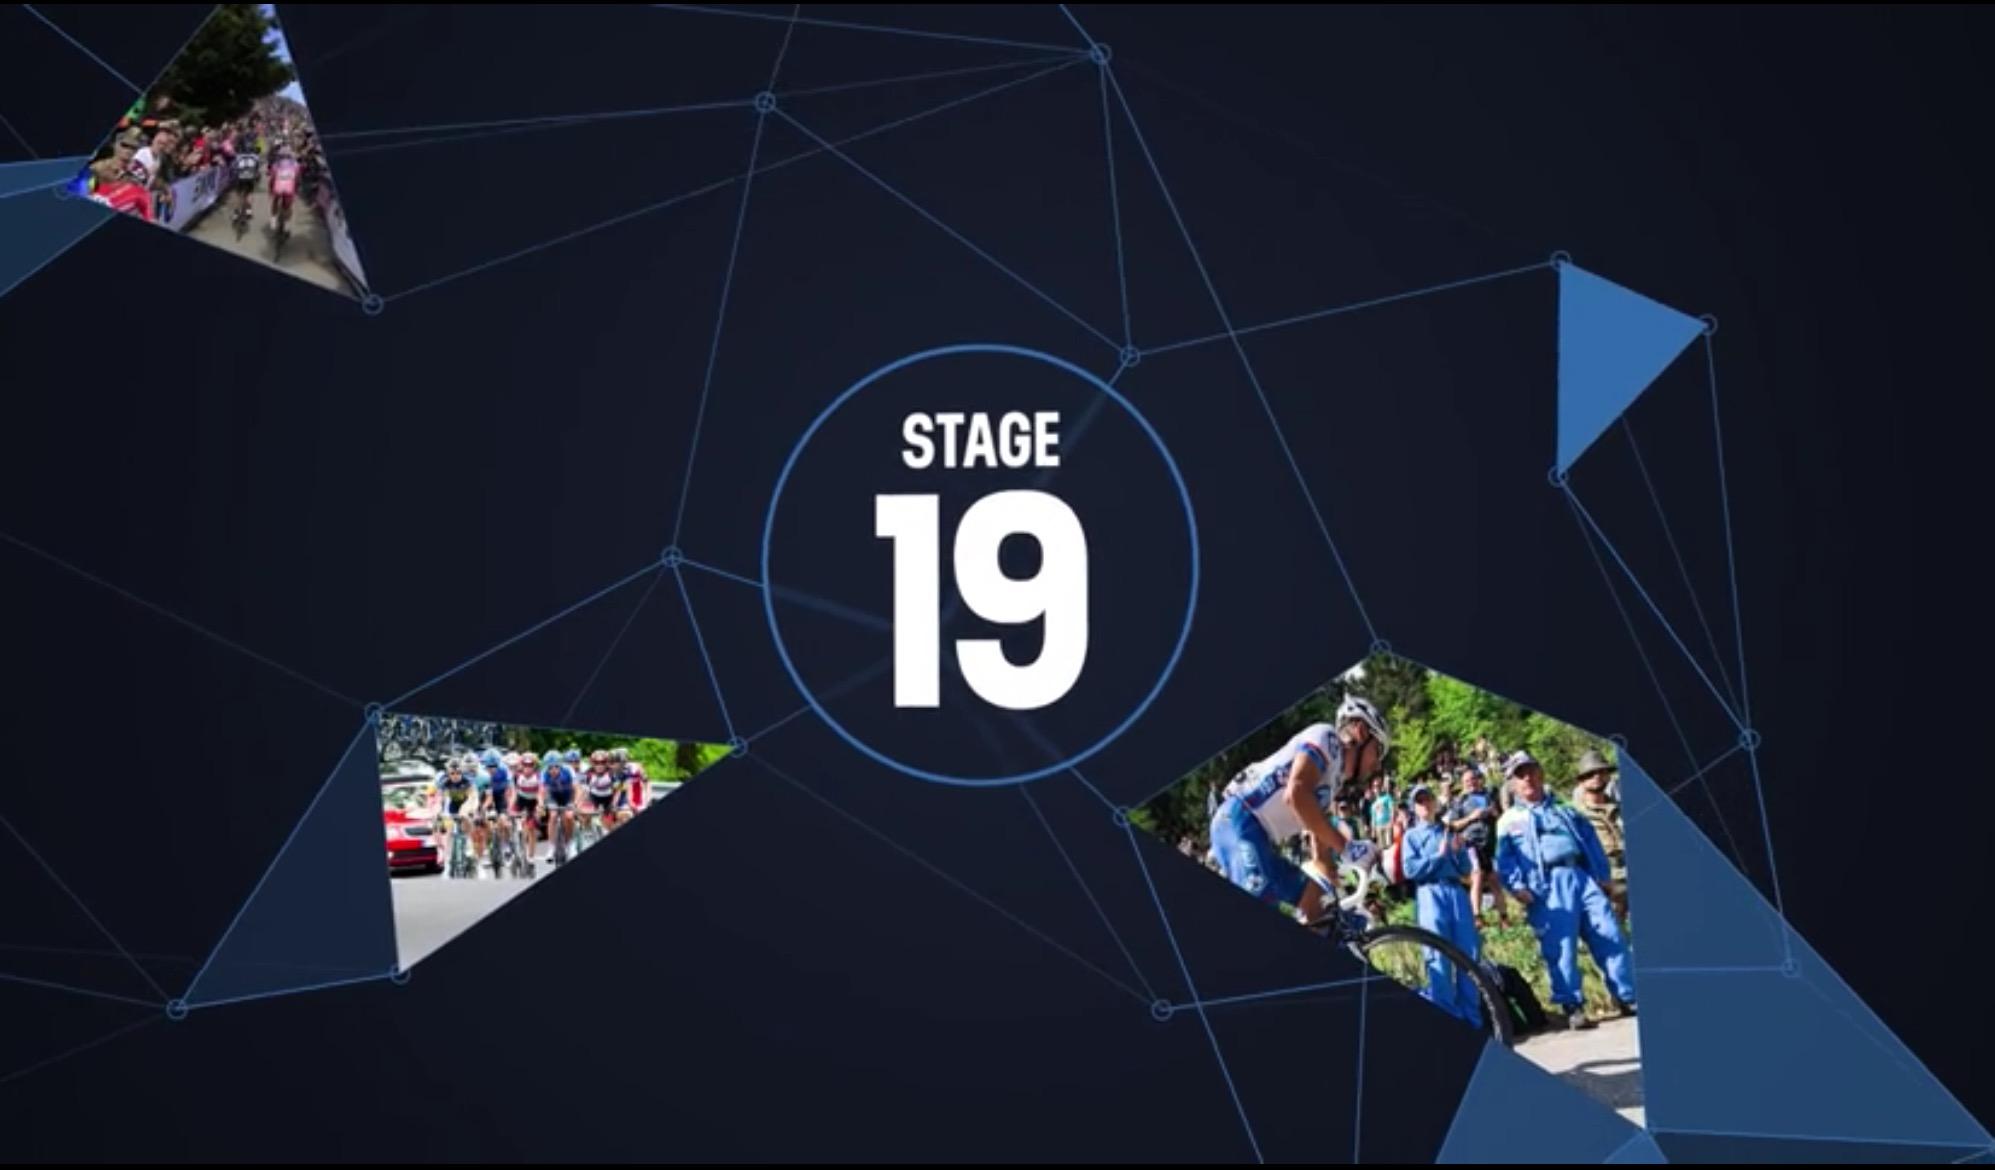 Gravellona-Cervinia 29 maggio 2015 Giro d'Italia strade chiuse